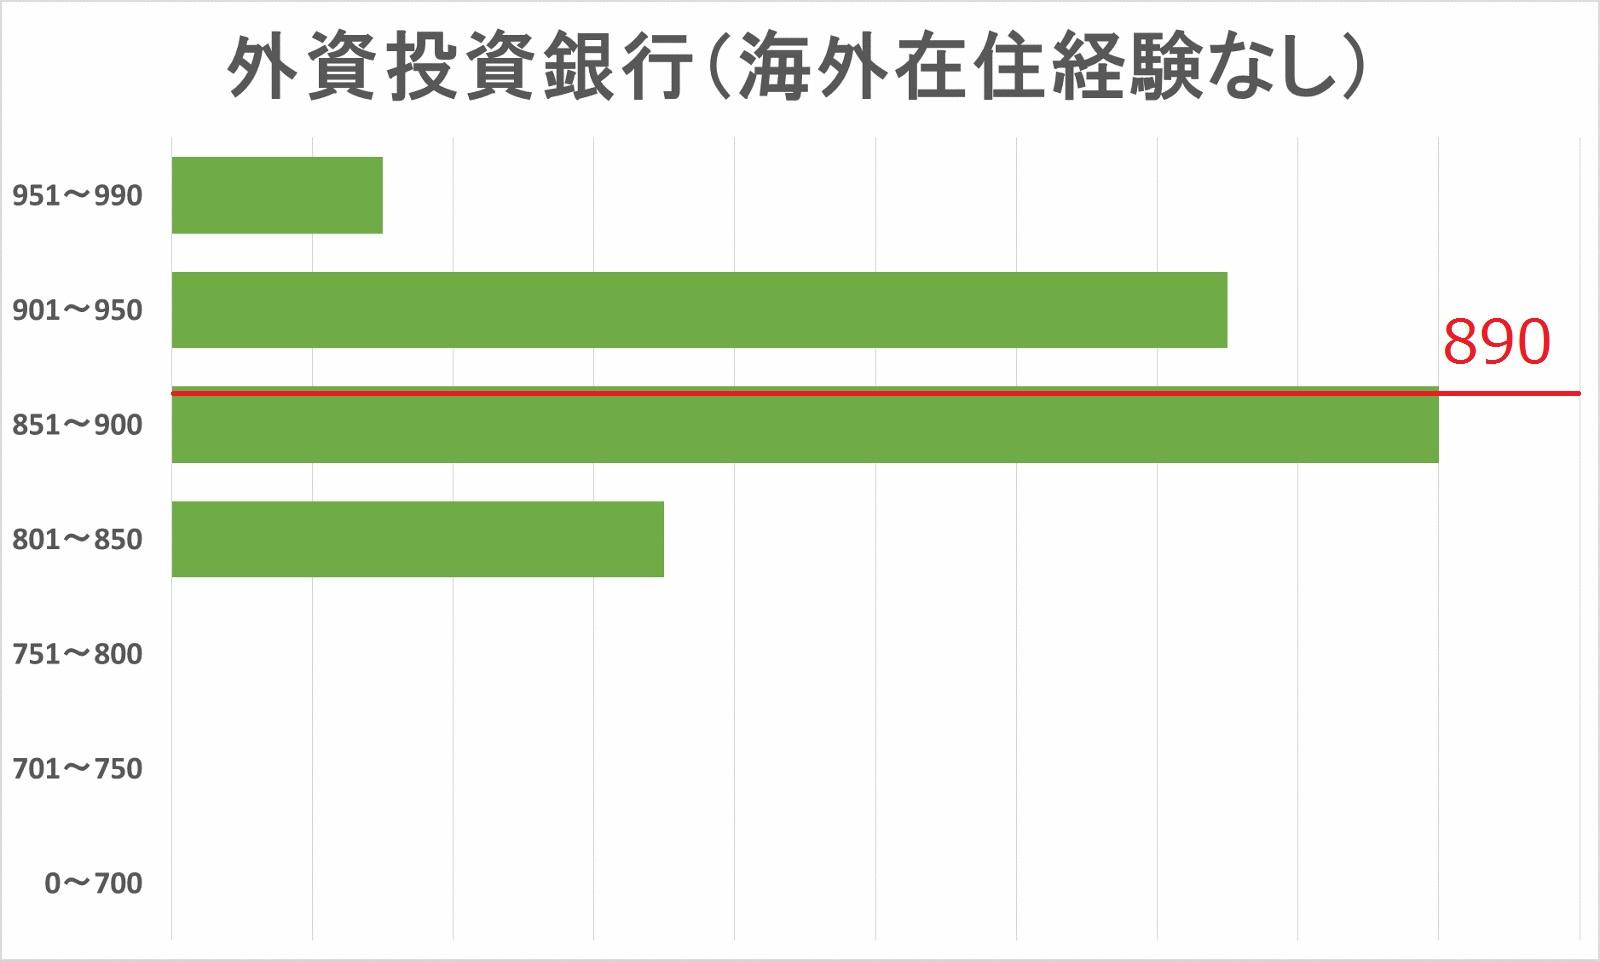 外資系投資銀行内定者(海外在住経験なし)TOEICスコア分布図